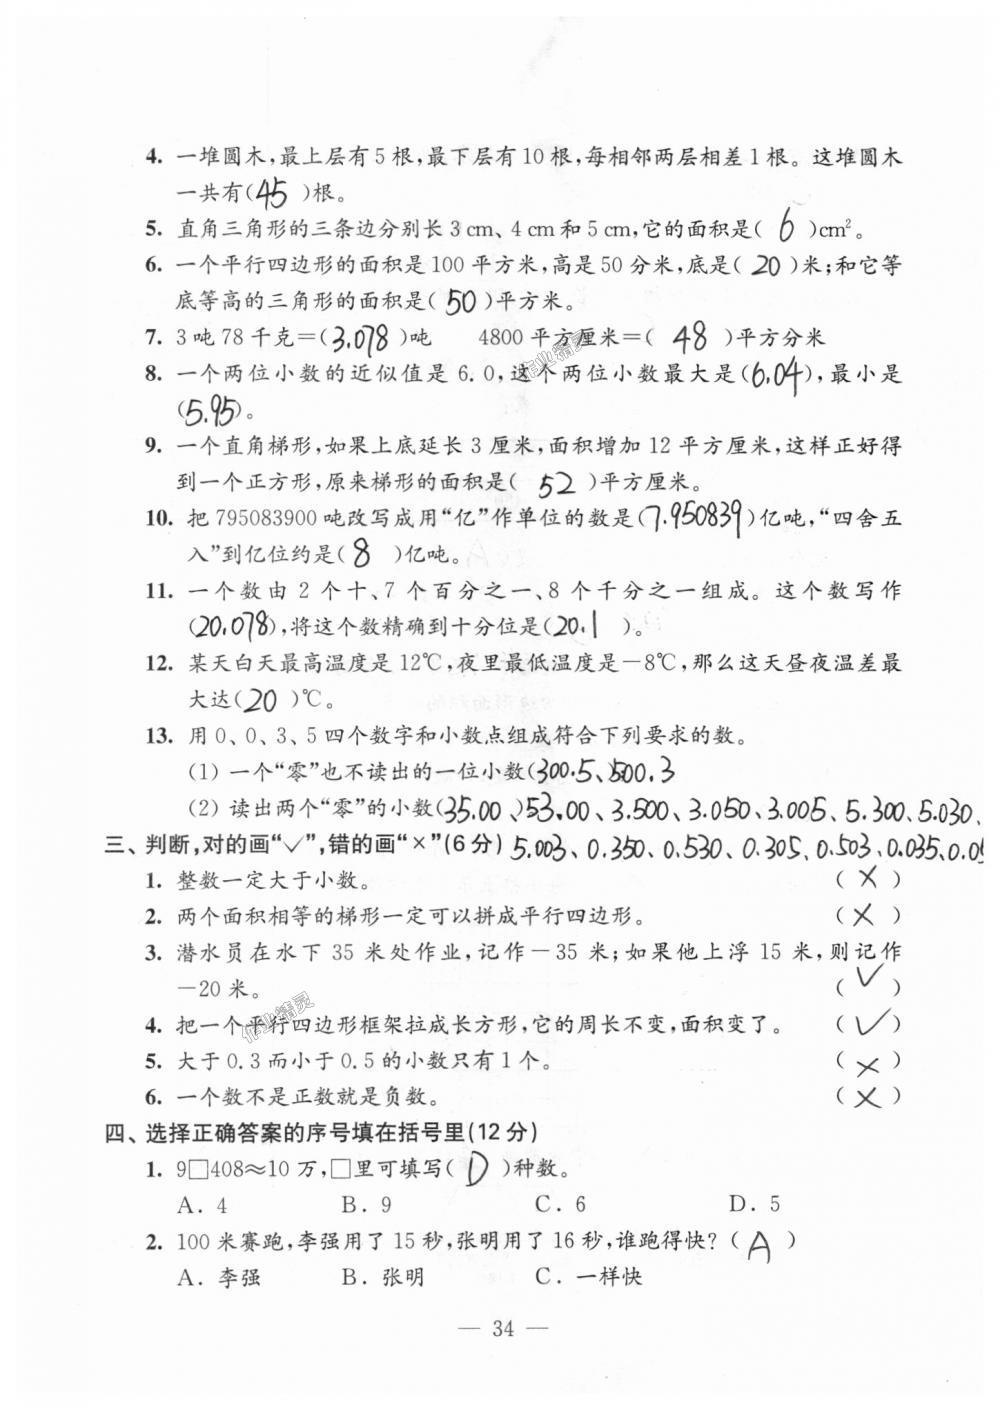 2018年练习与测试检测卷五年级数学上册苏教版第34页